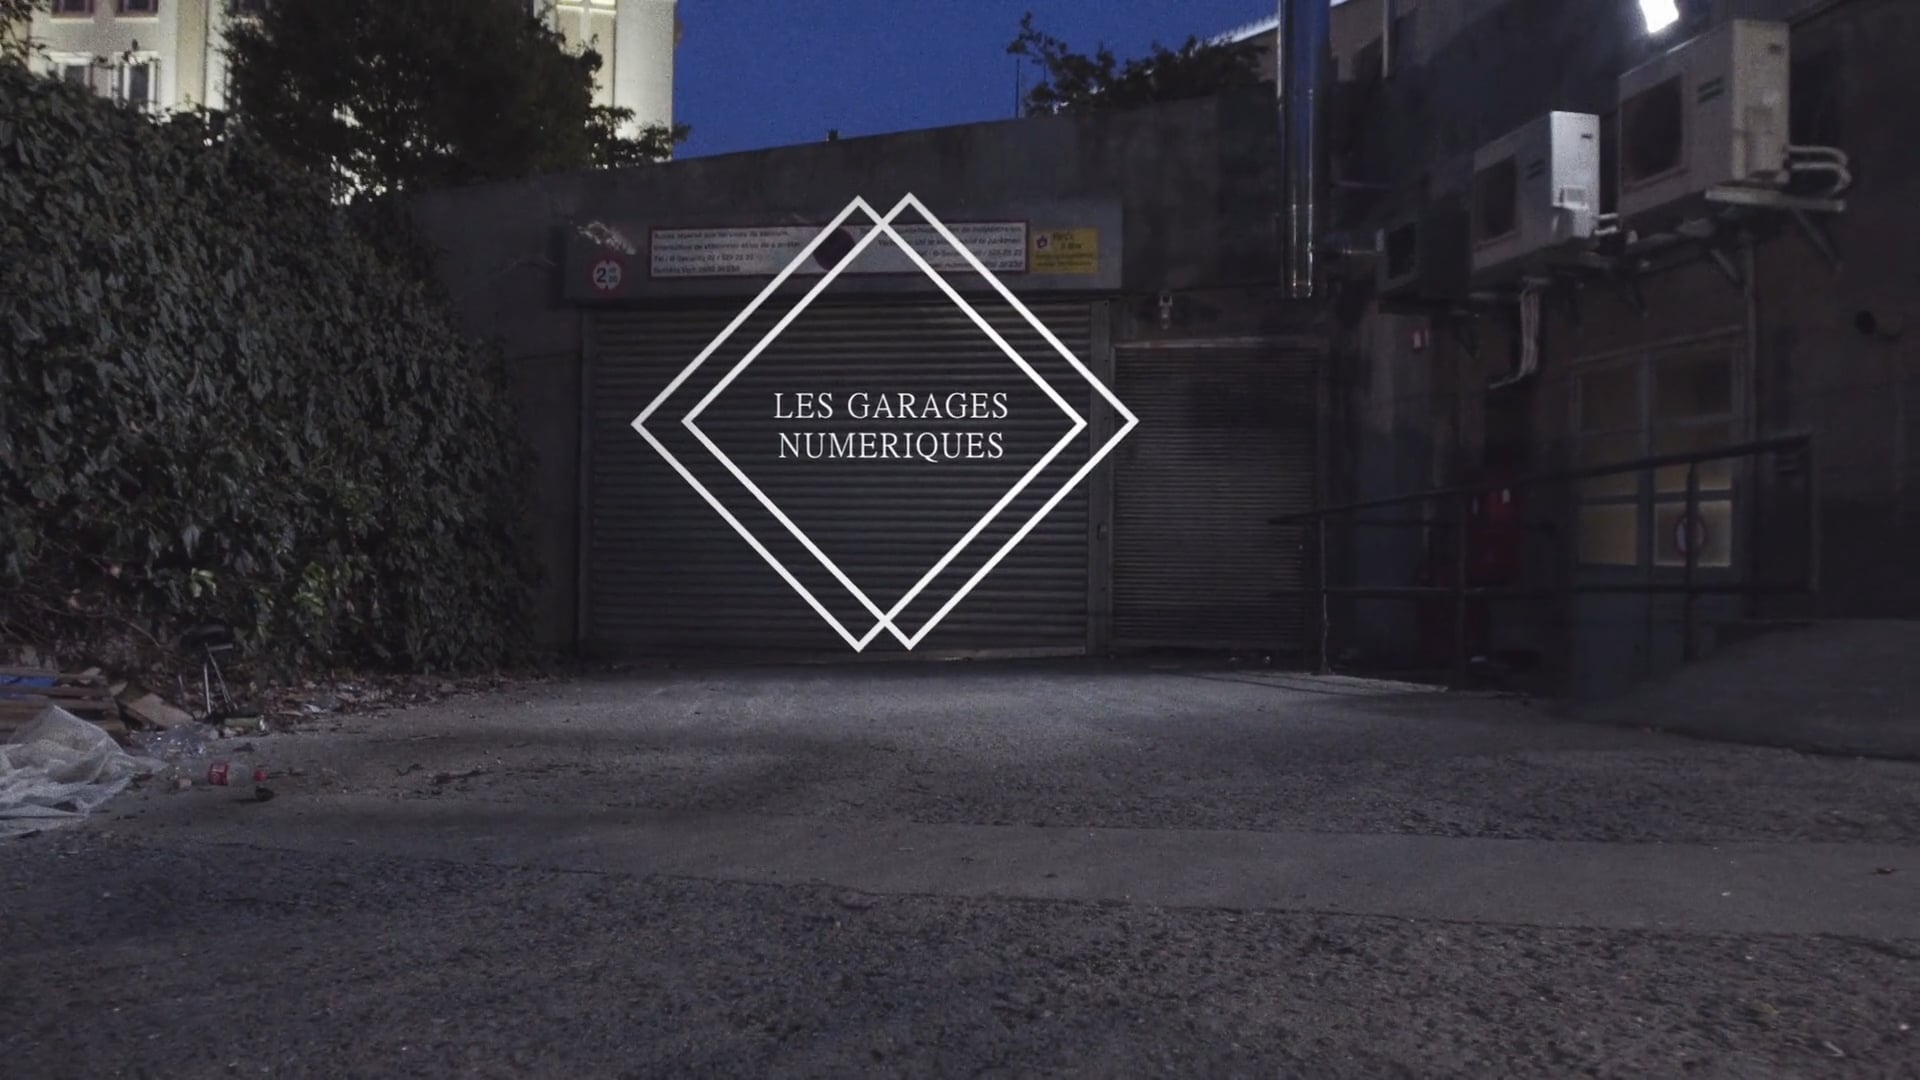 LES GARAGES NUMERIQUES - AFTER MOVIE